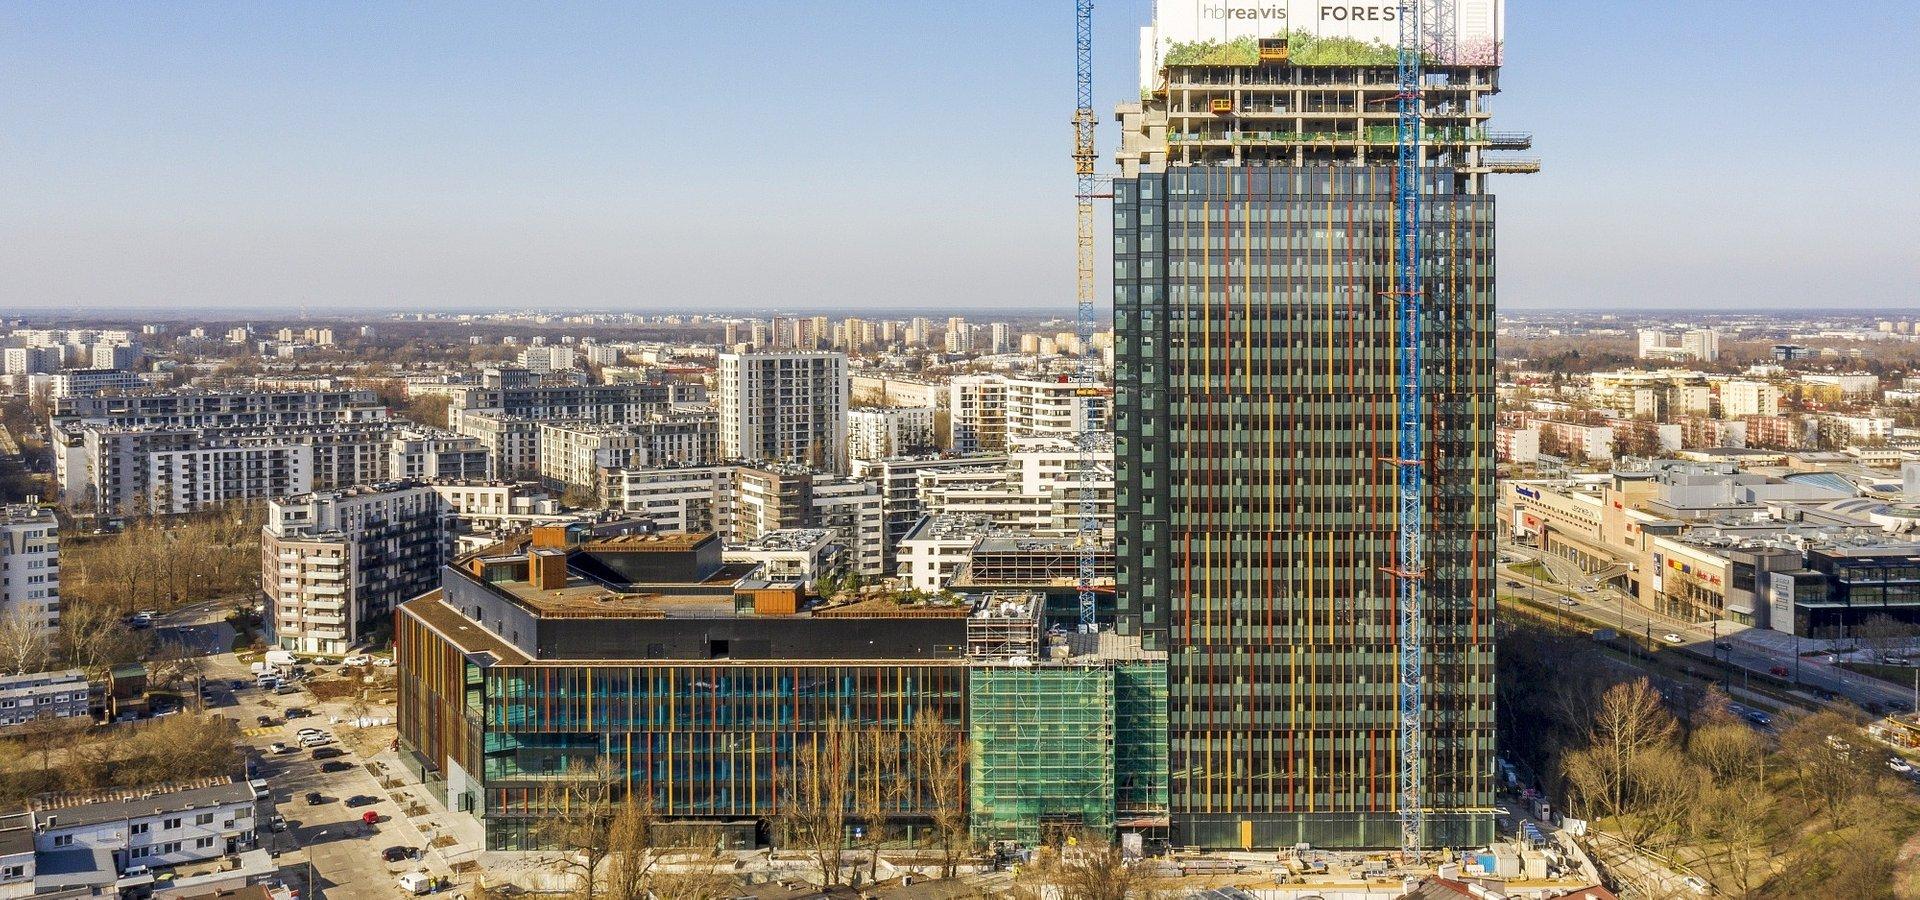 Do Forest zawitała wiosna – pierwszy biurowiec kampusu gotowy, a 120-metrowy wieżowiec już z pełną wysokością